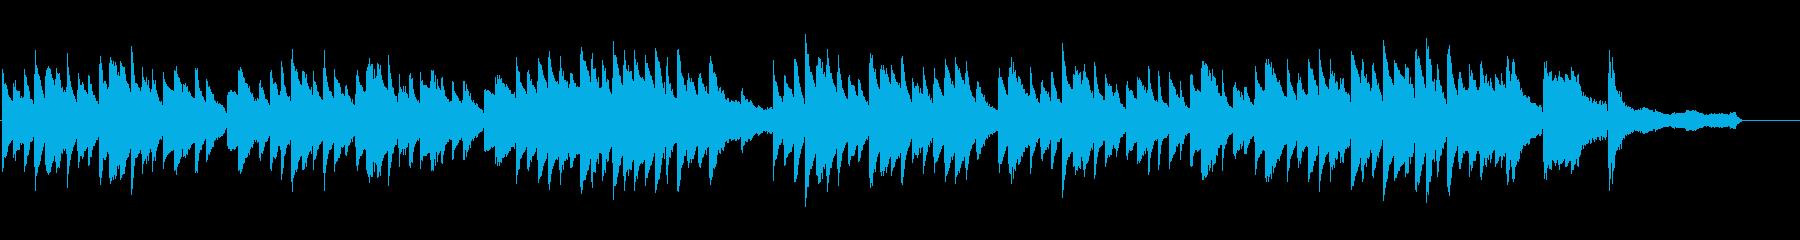 朝の爽やかさに合うフランス風ピアノワルツの再生済みの波形